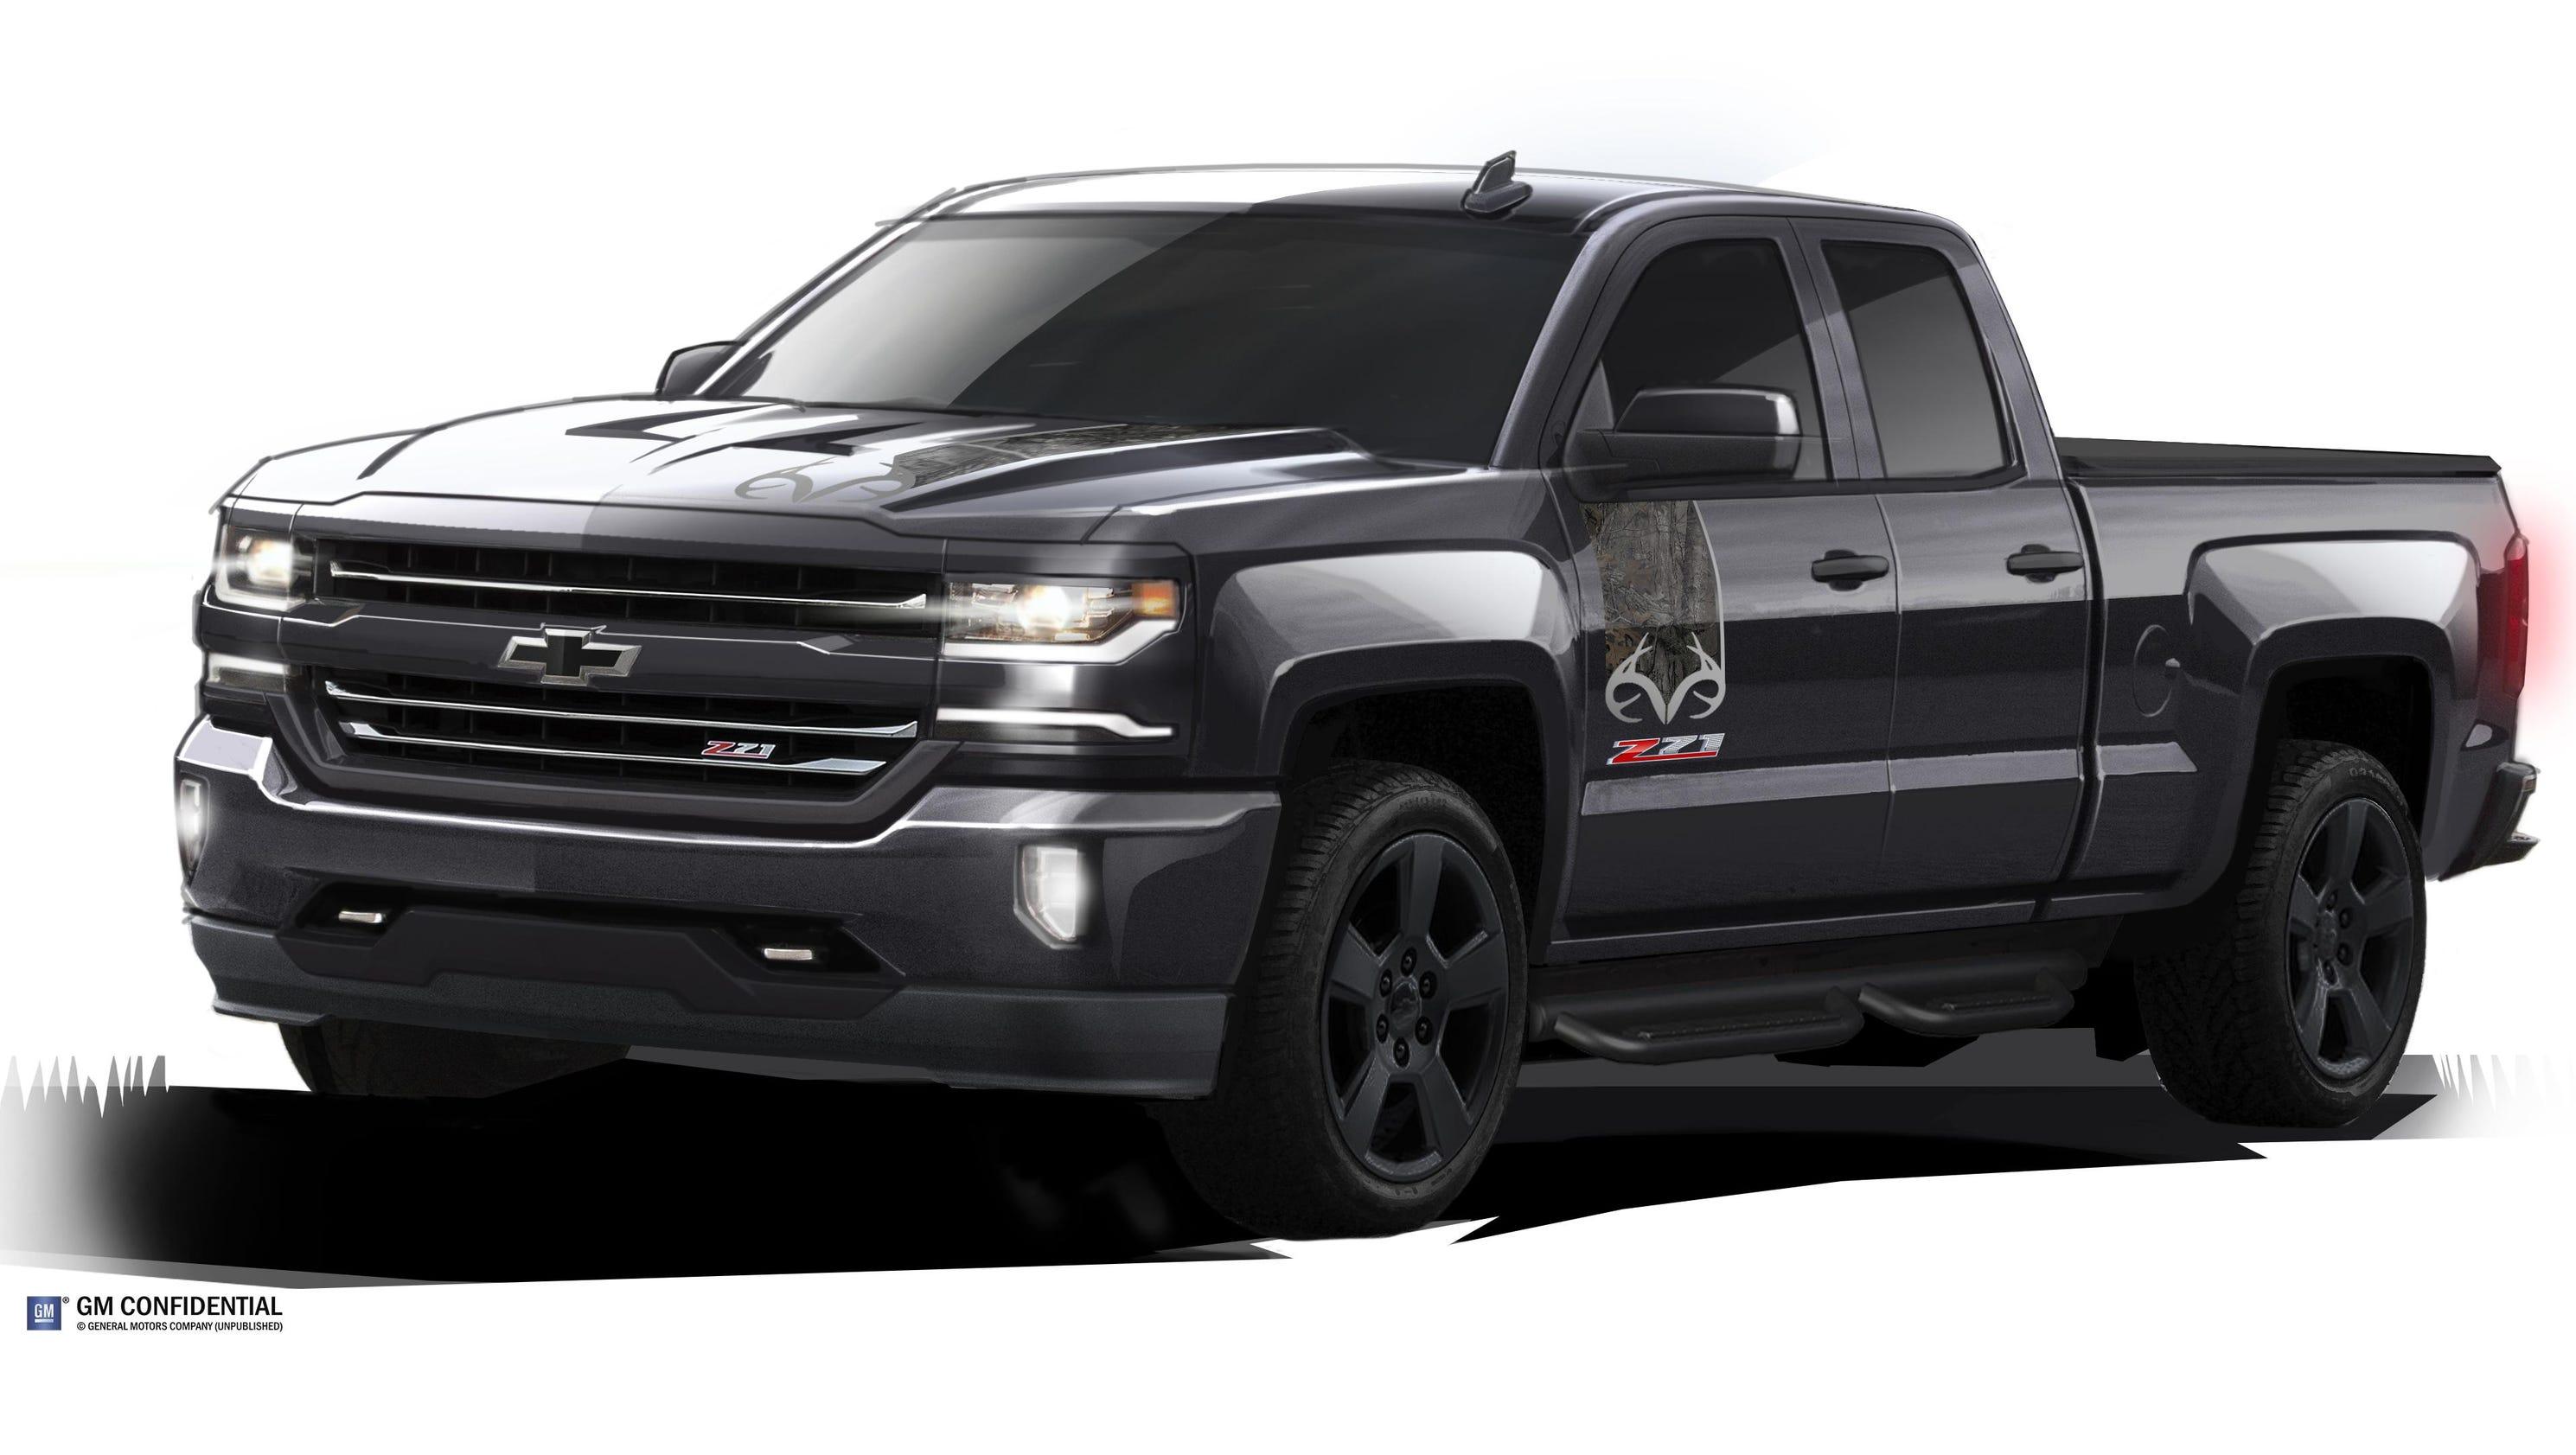 Chevy to launch Silverado Realtree special edition